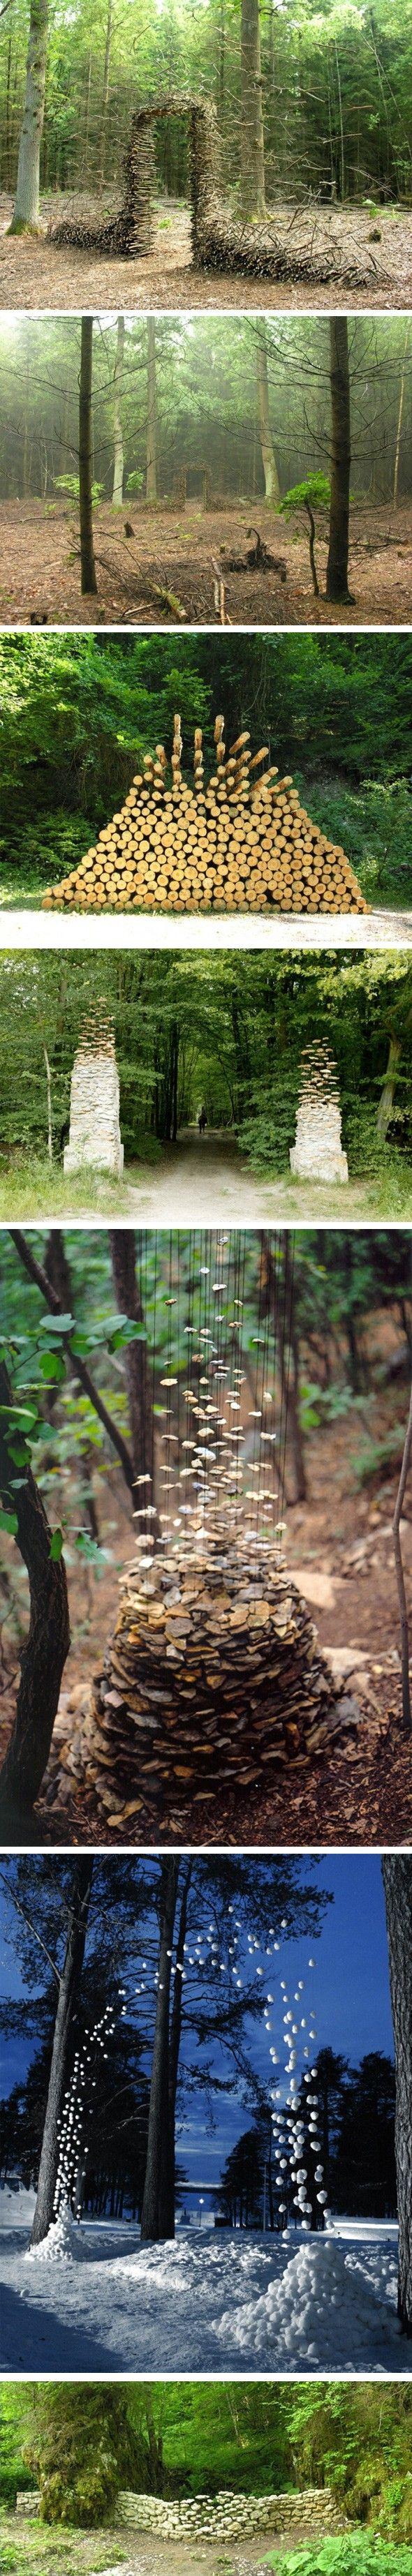 Impressionnantes installations défiant la gravité L'artiste allemande, Cornelia Konrads, crée des installations hallucinantes in situ dans les espaces publ